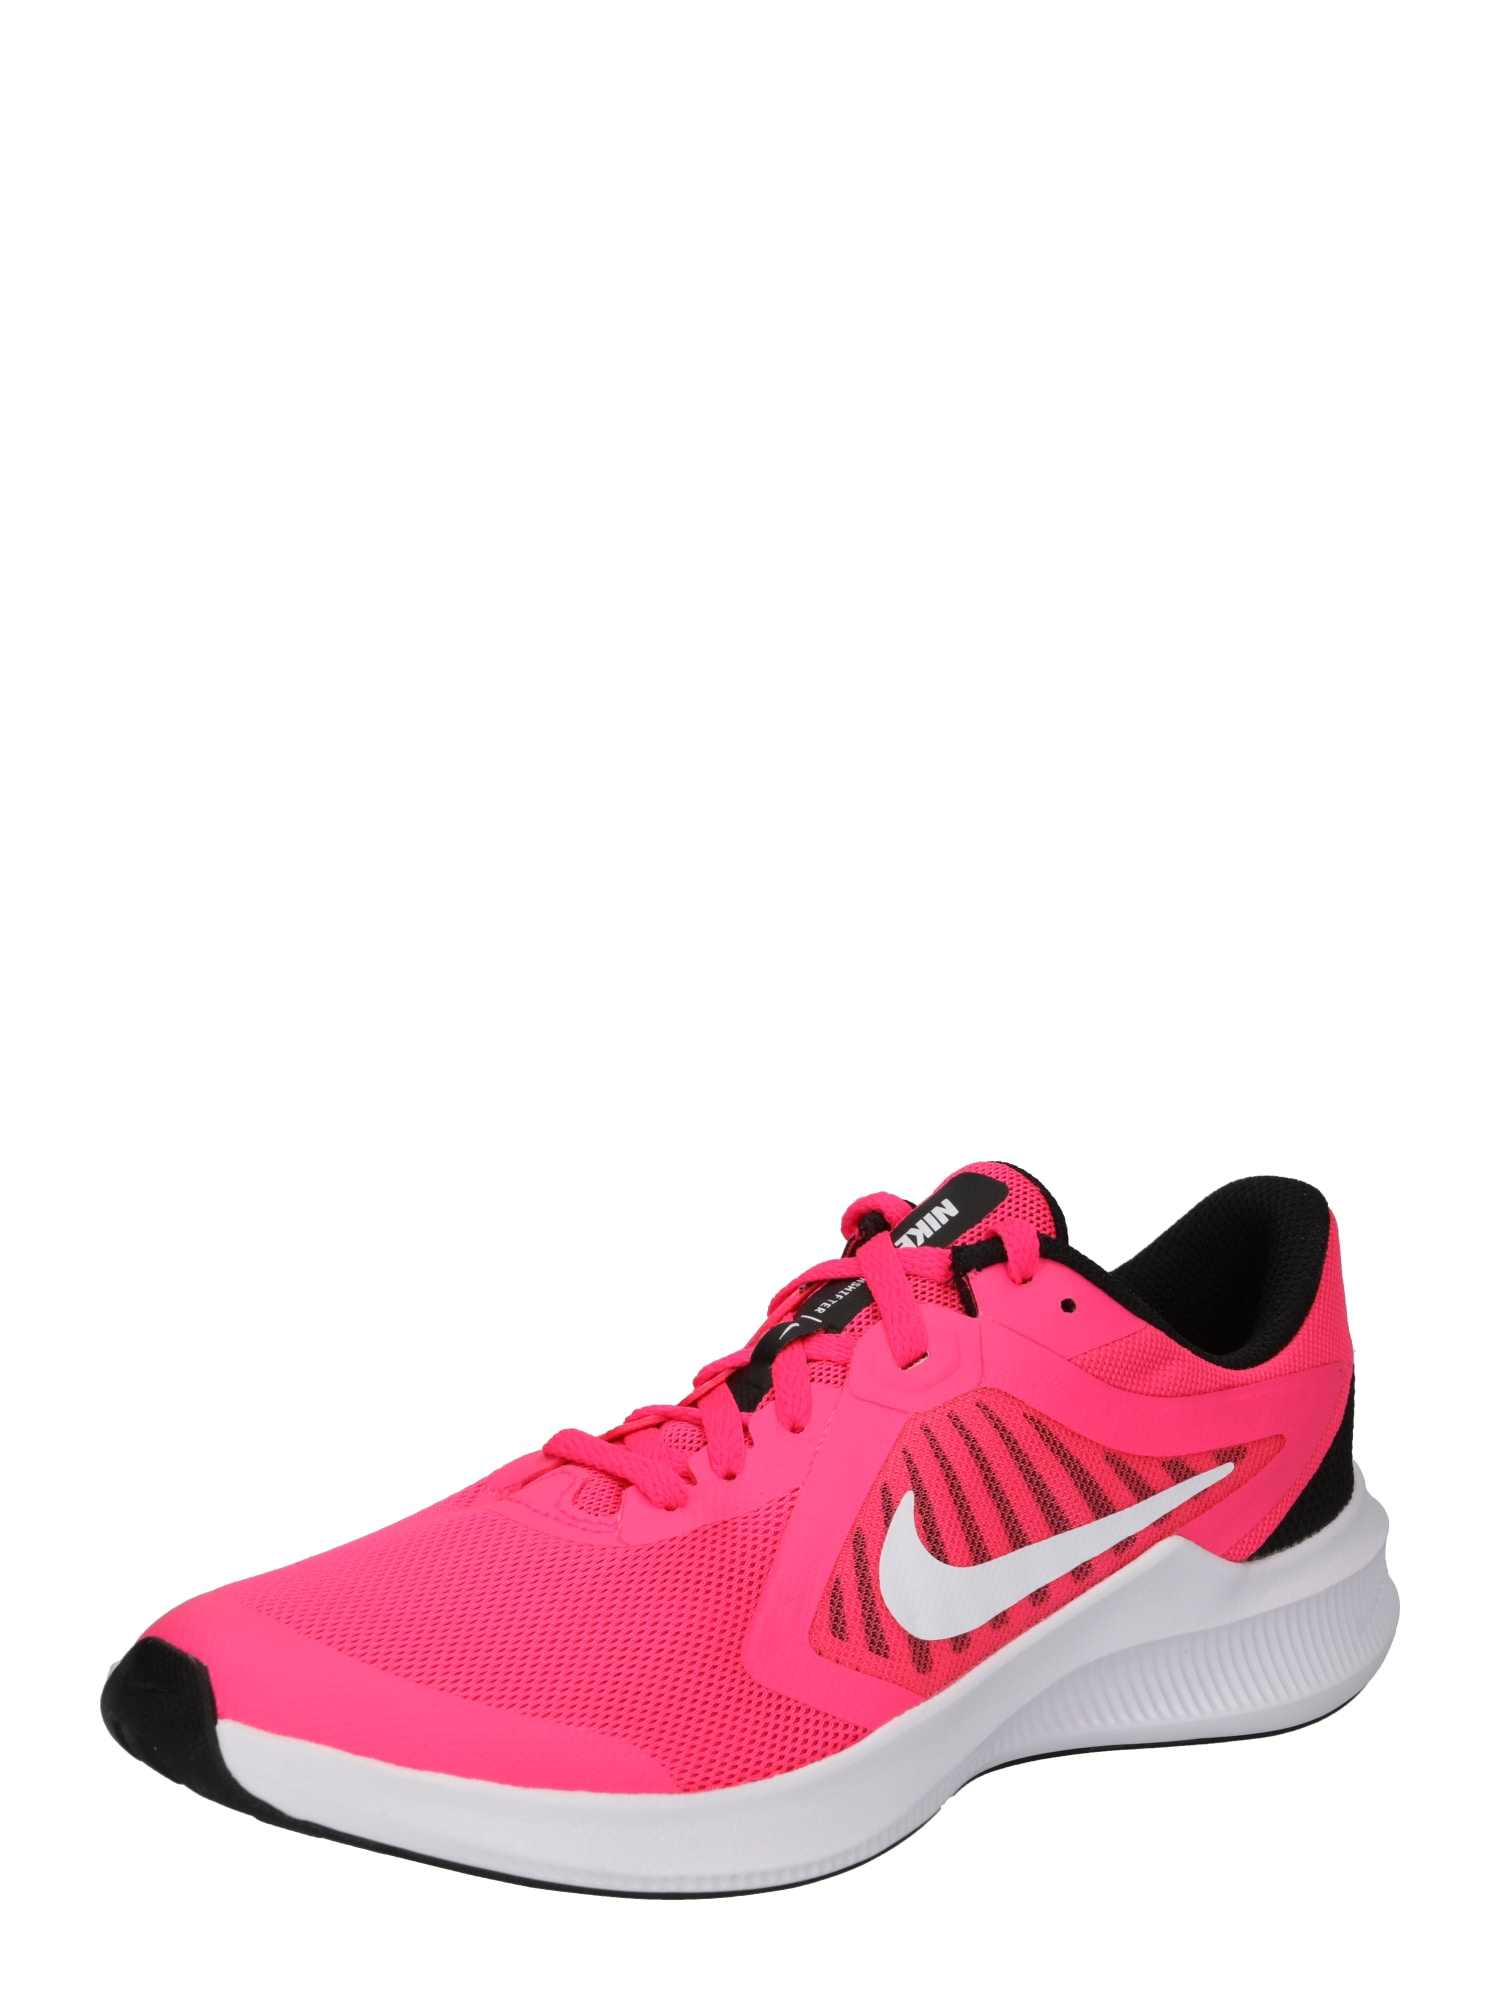 NIKE Sportiniai batai 'DOWNSHIFTER 10' juoda / tamsiai rožinė / balta